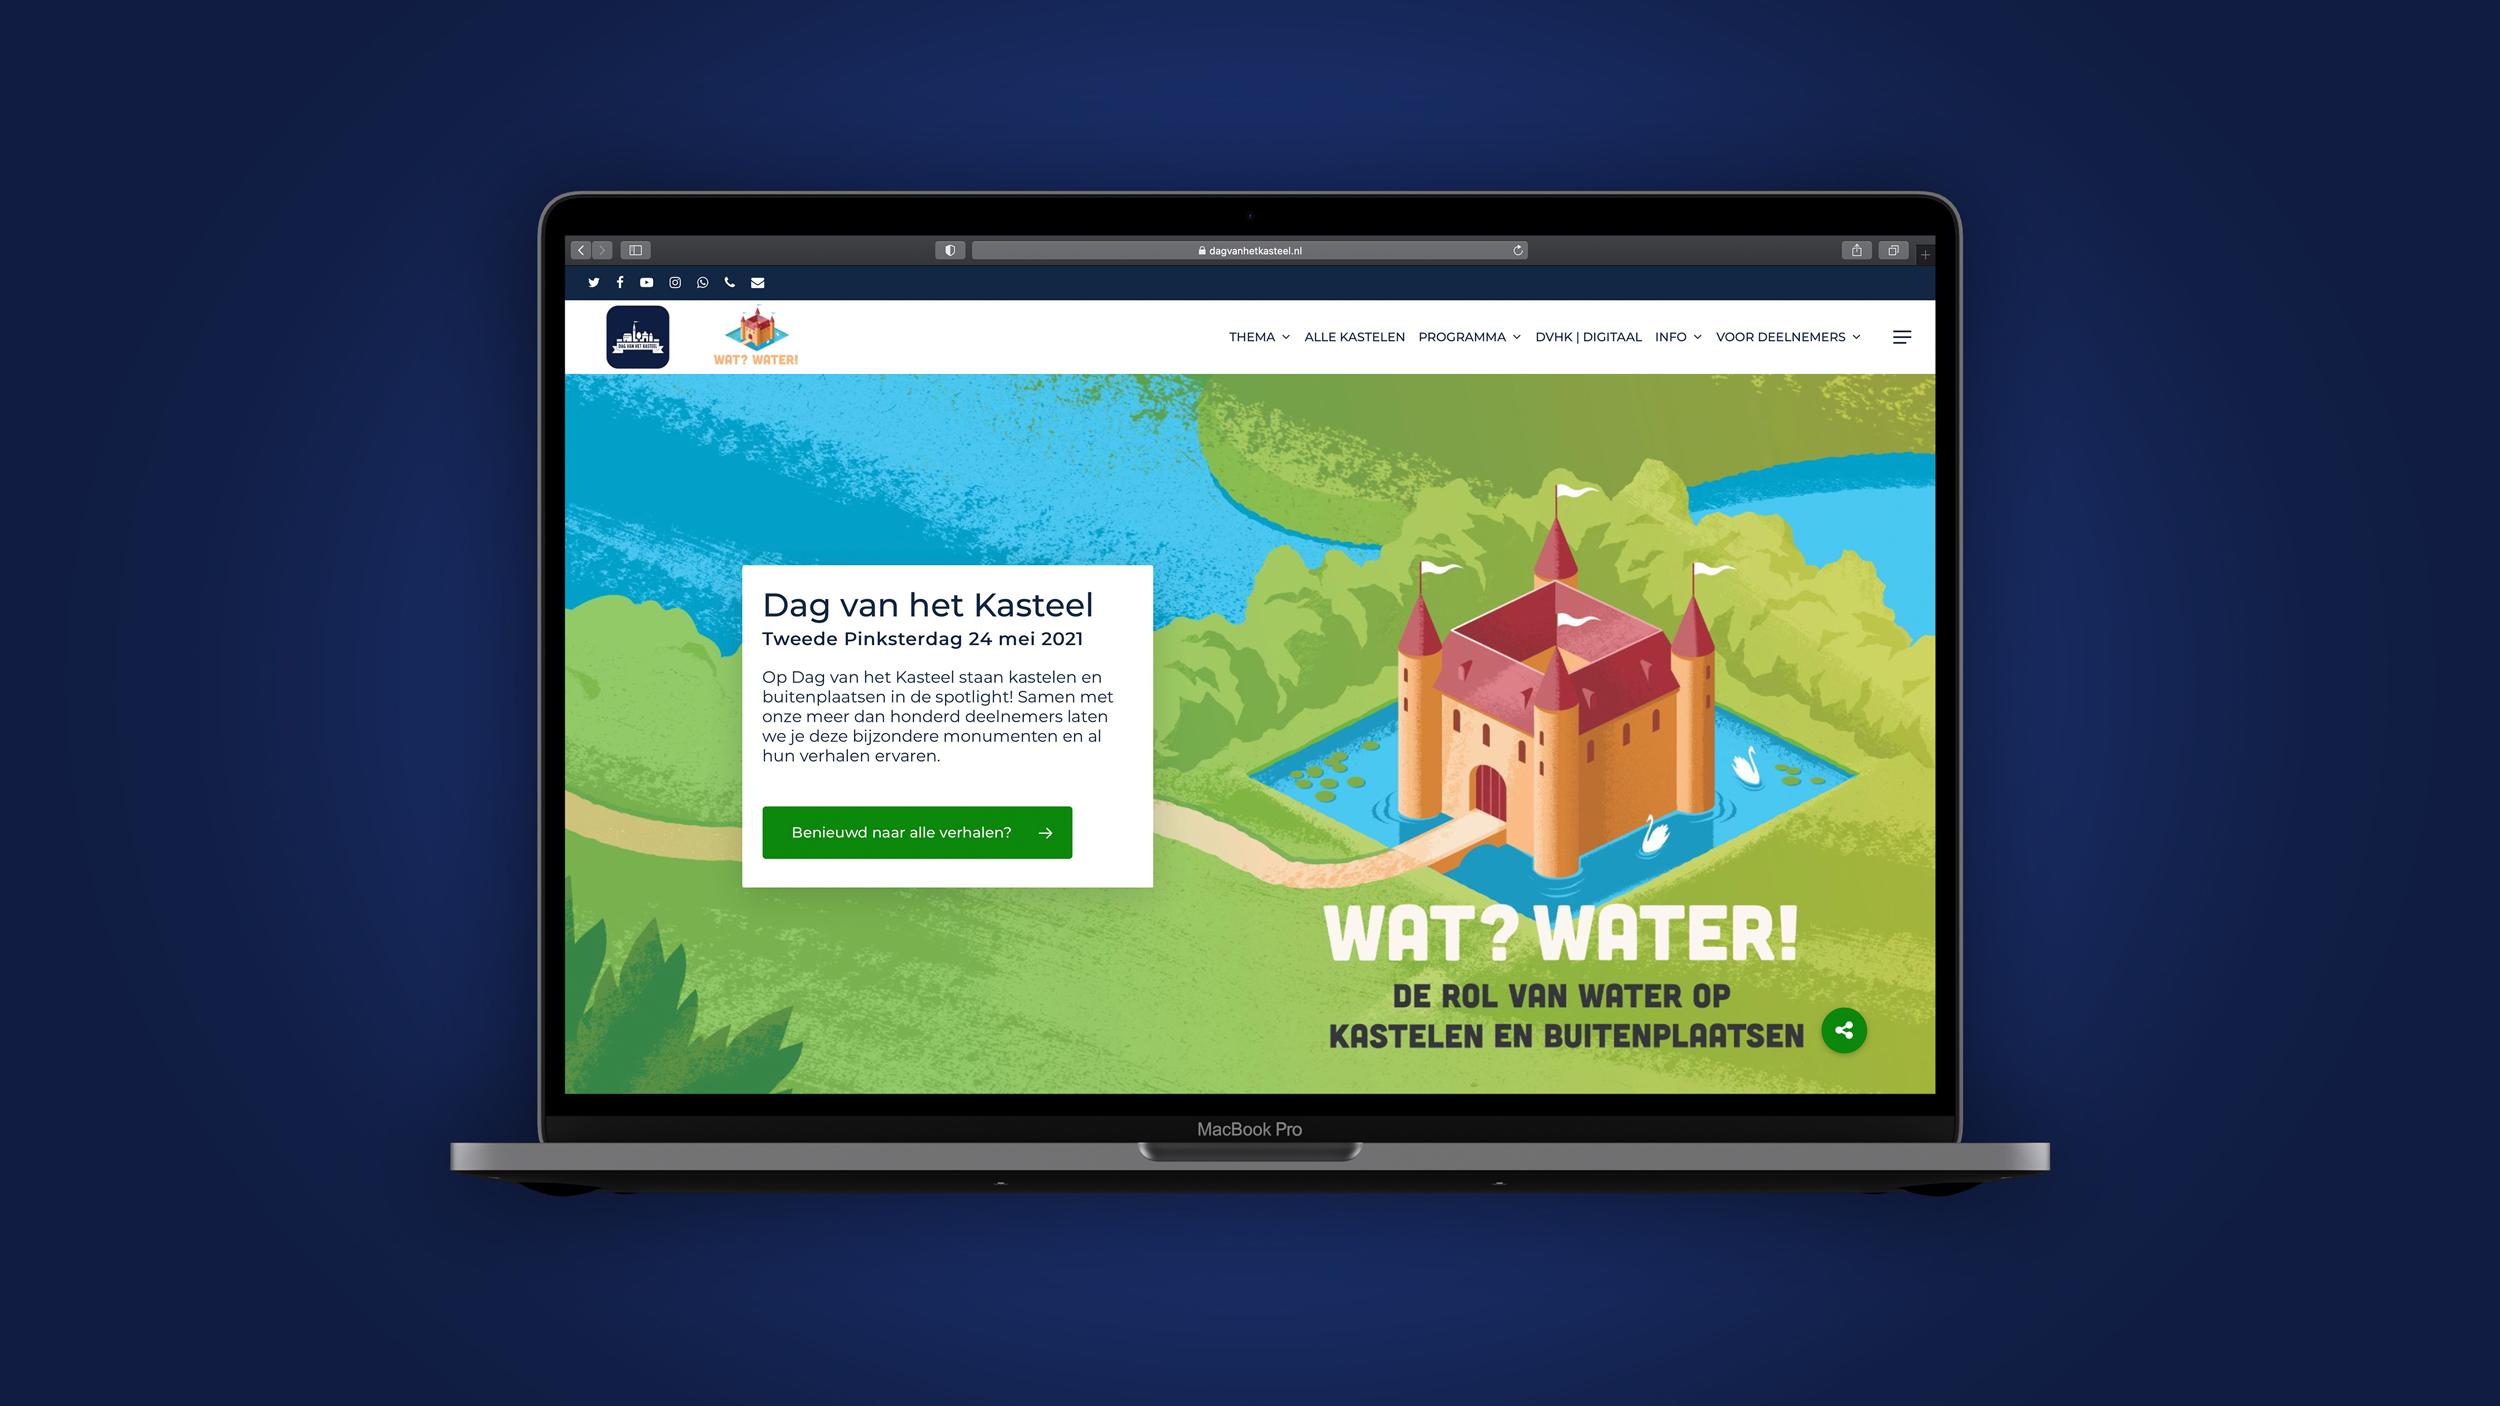 Dag van het Kasteel heeft een nieuwe website!